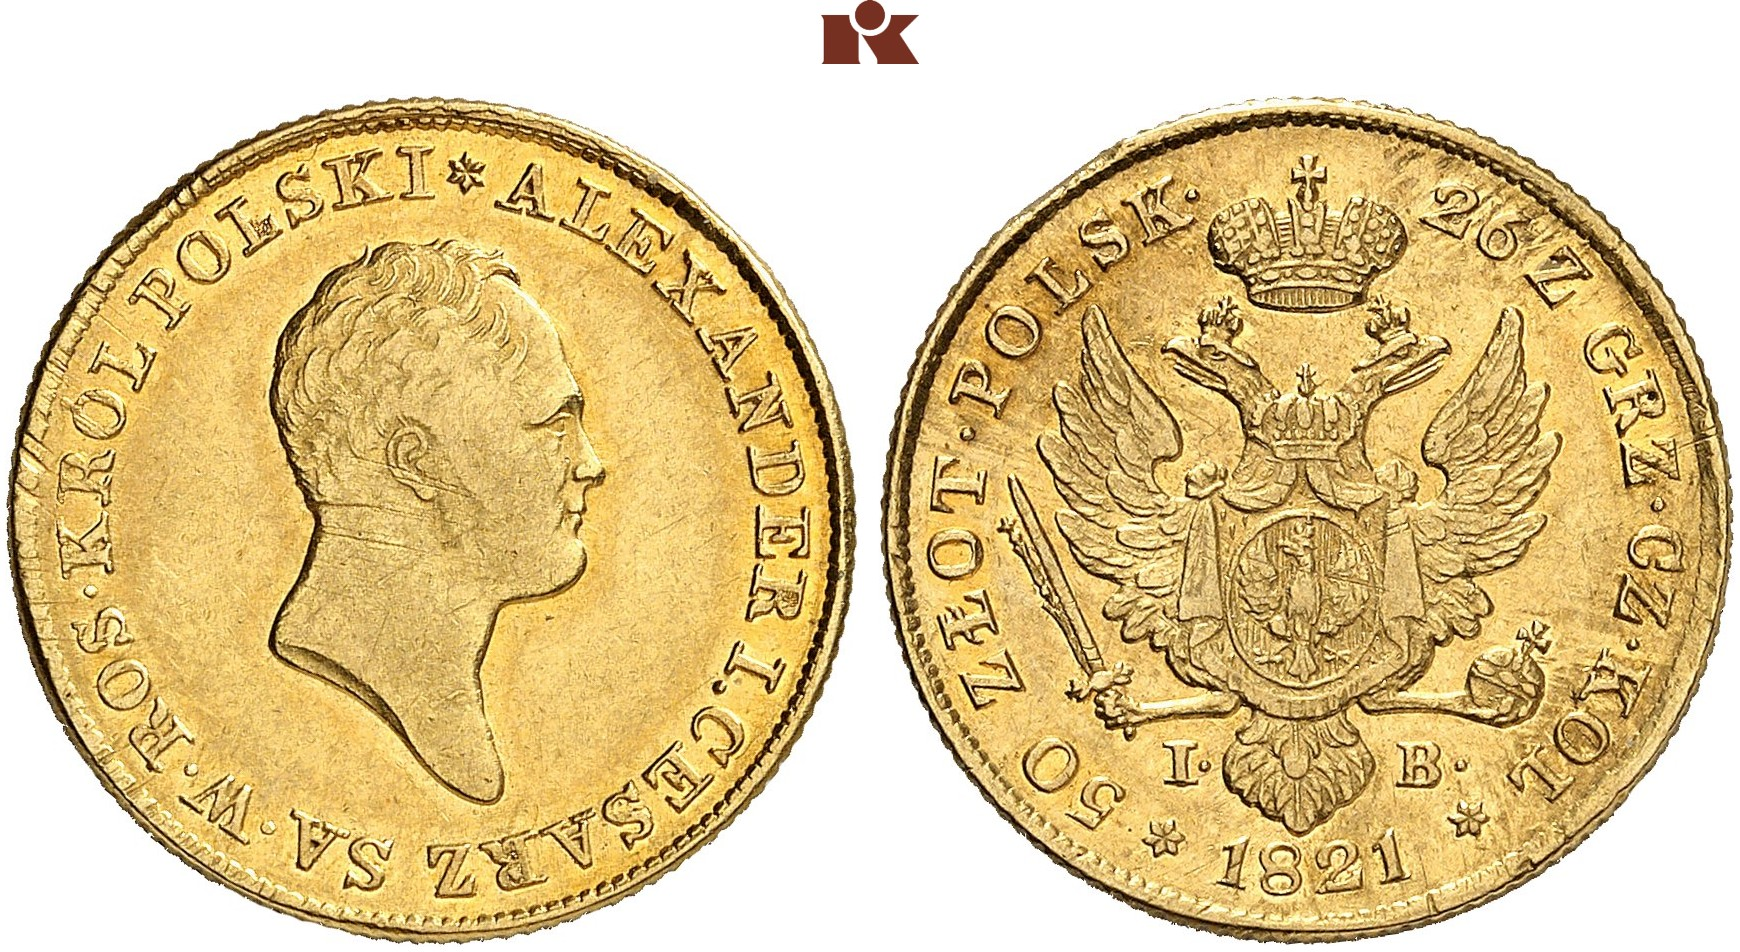 PL 50 Zloty 1821